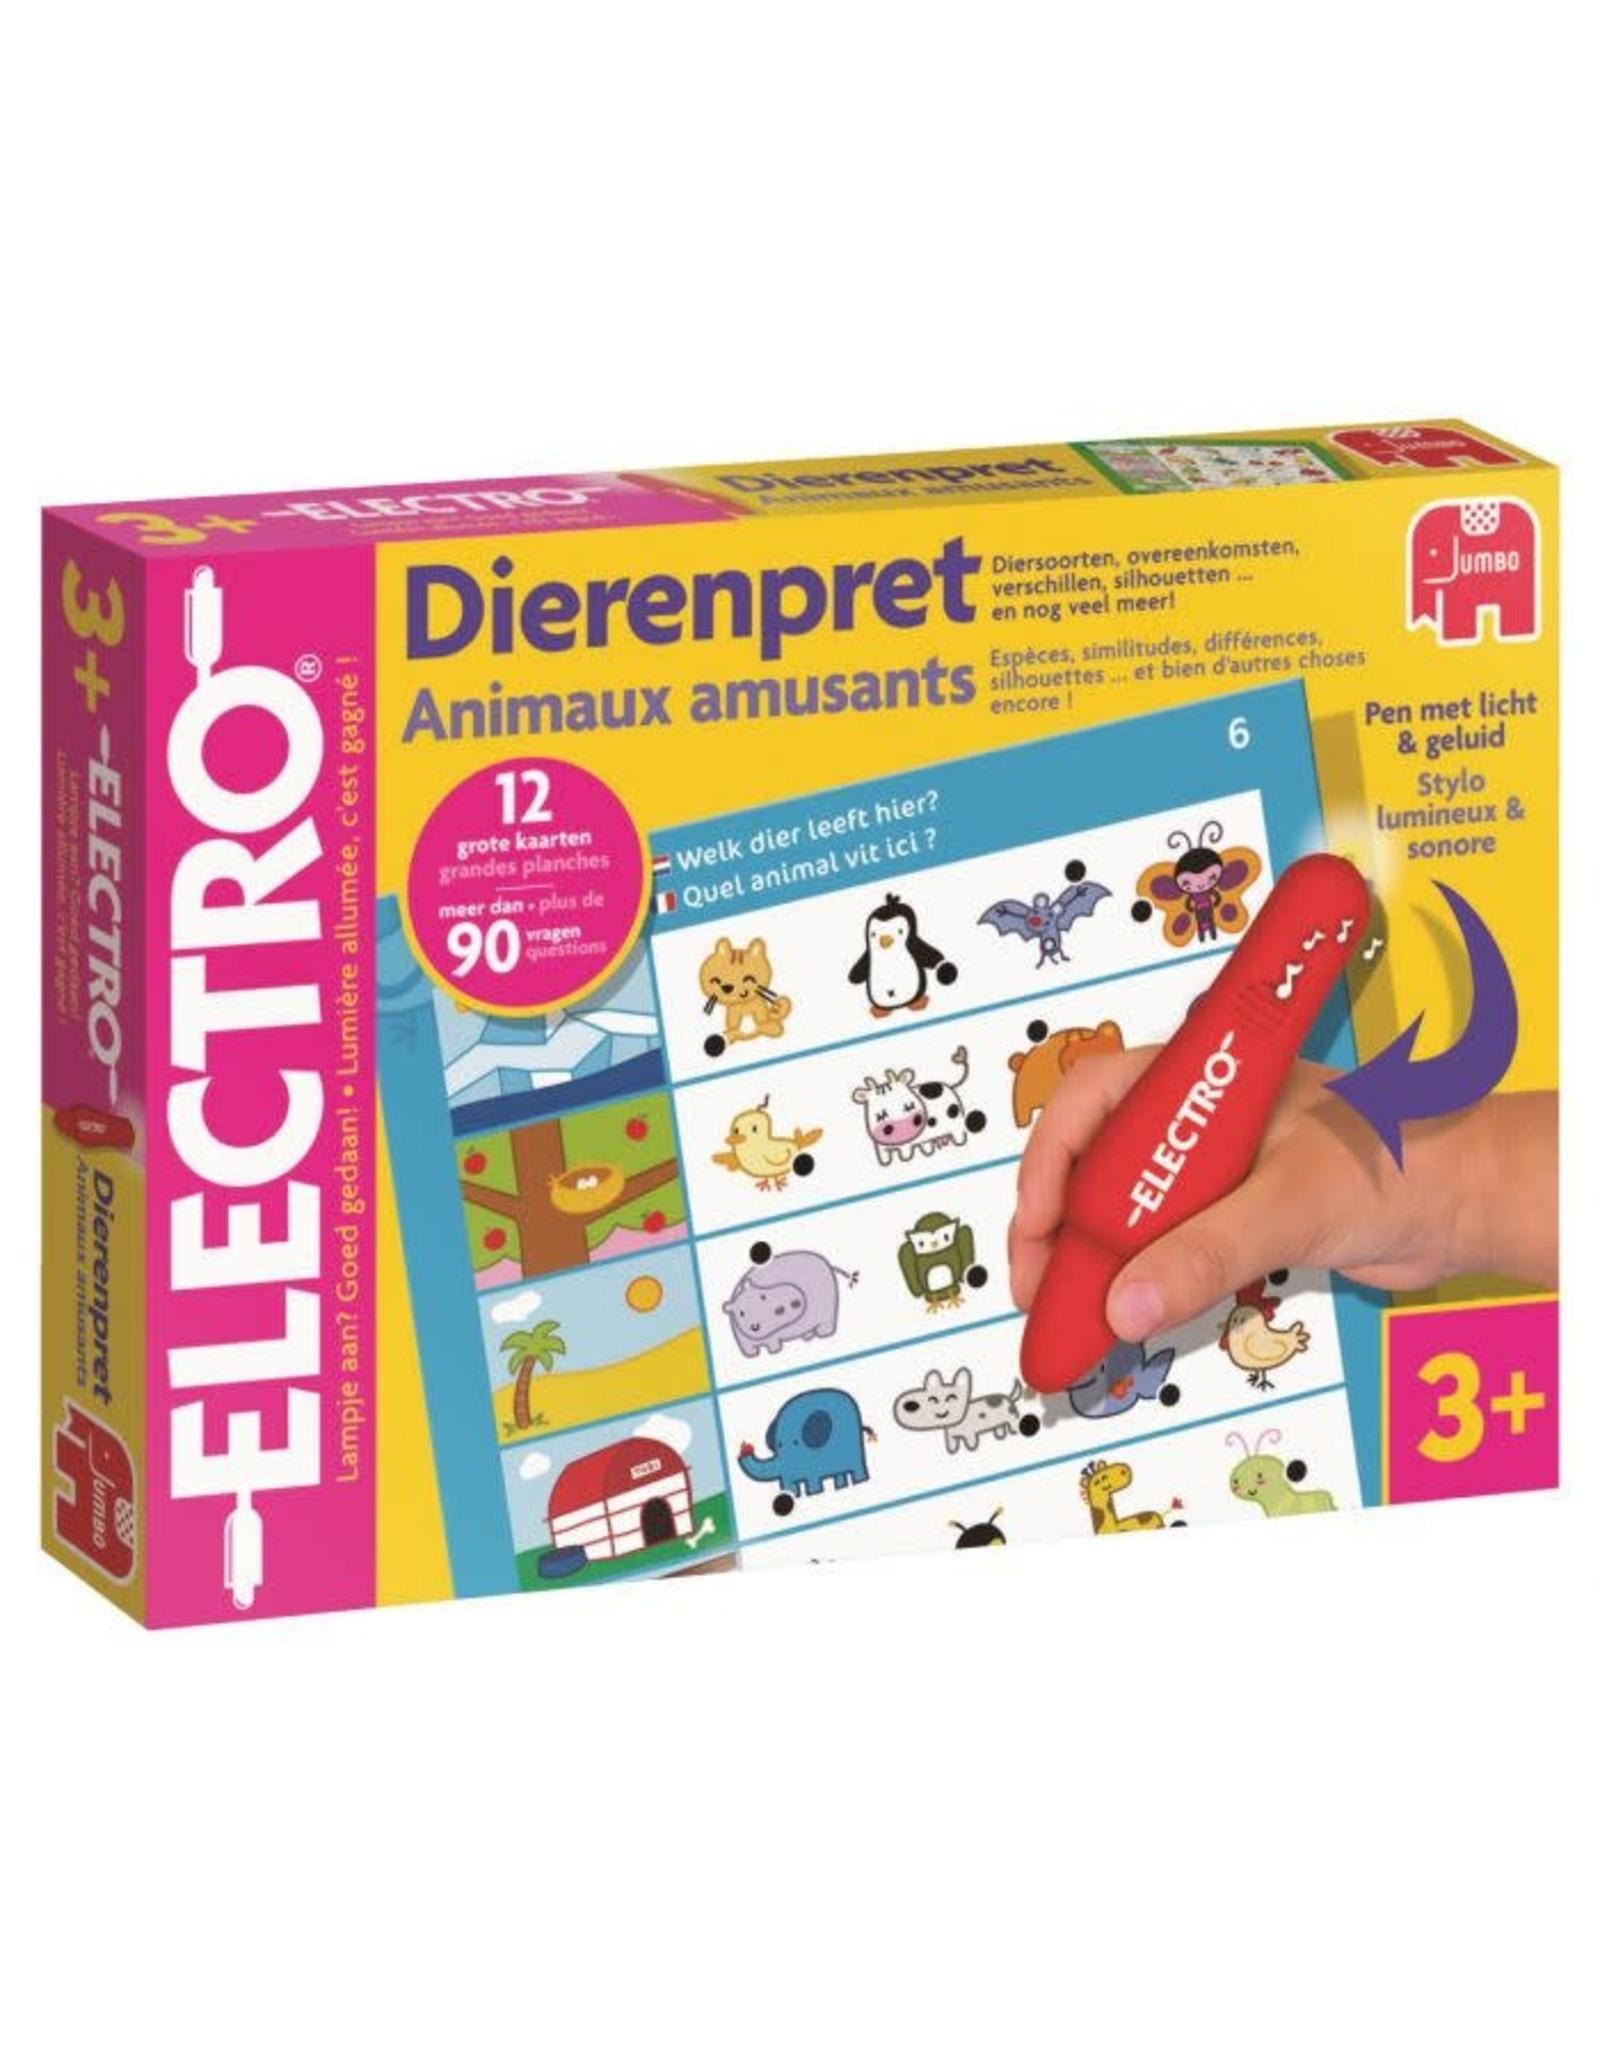 Electro Wonderpen Dierenpret